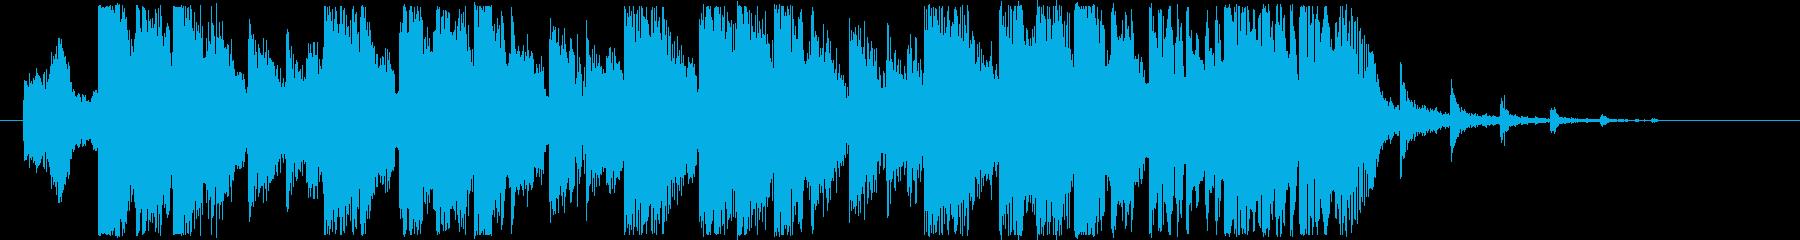 ジングル - ビバケーション!の再生済みの波形